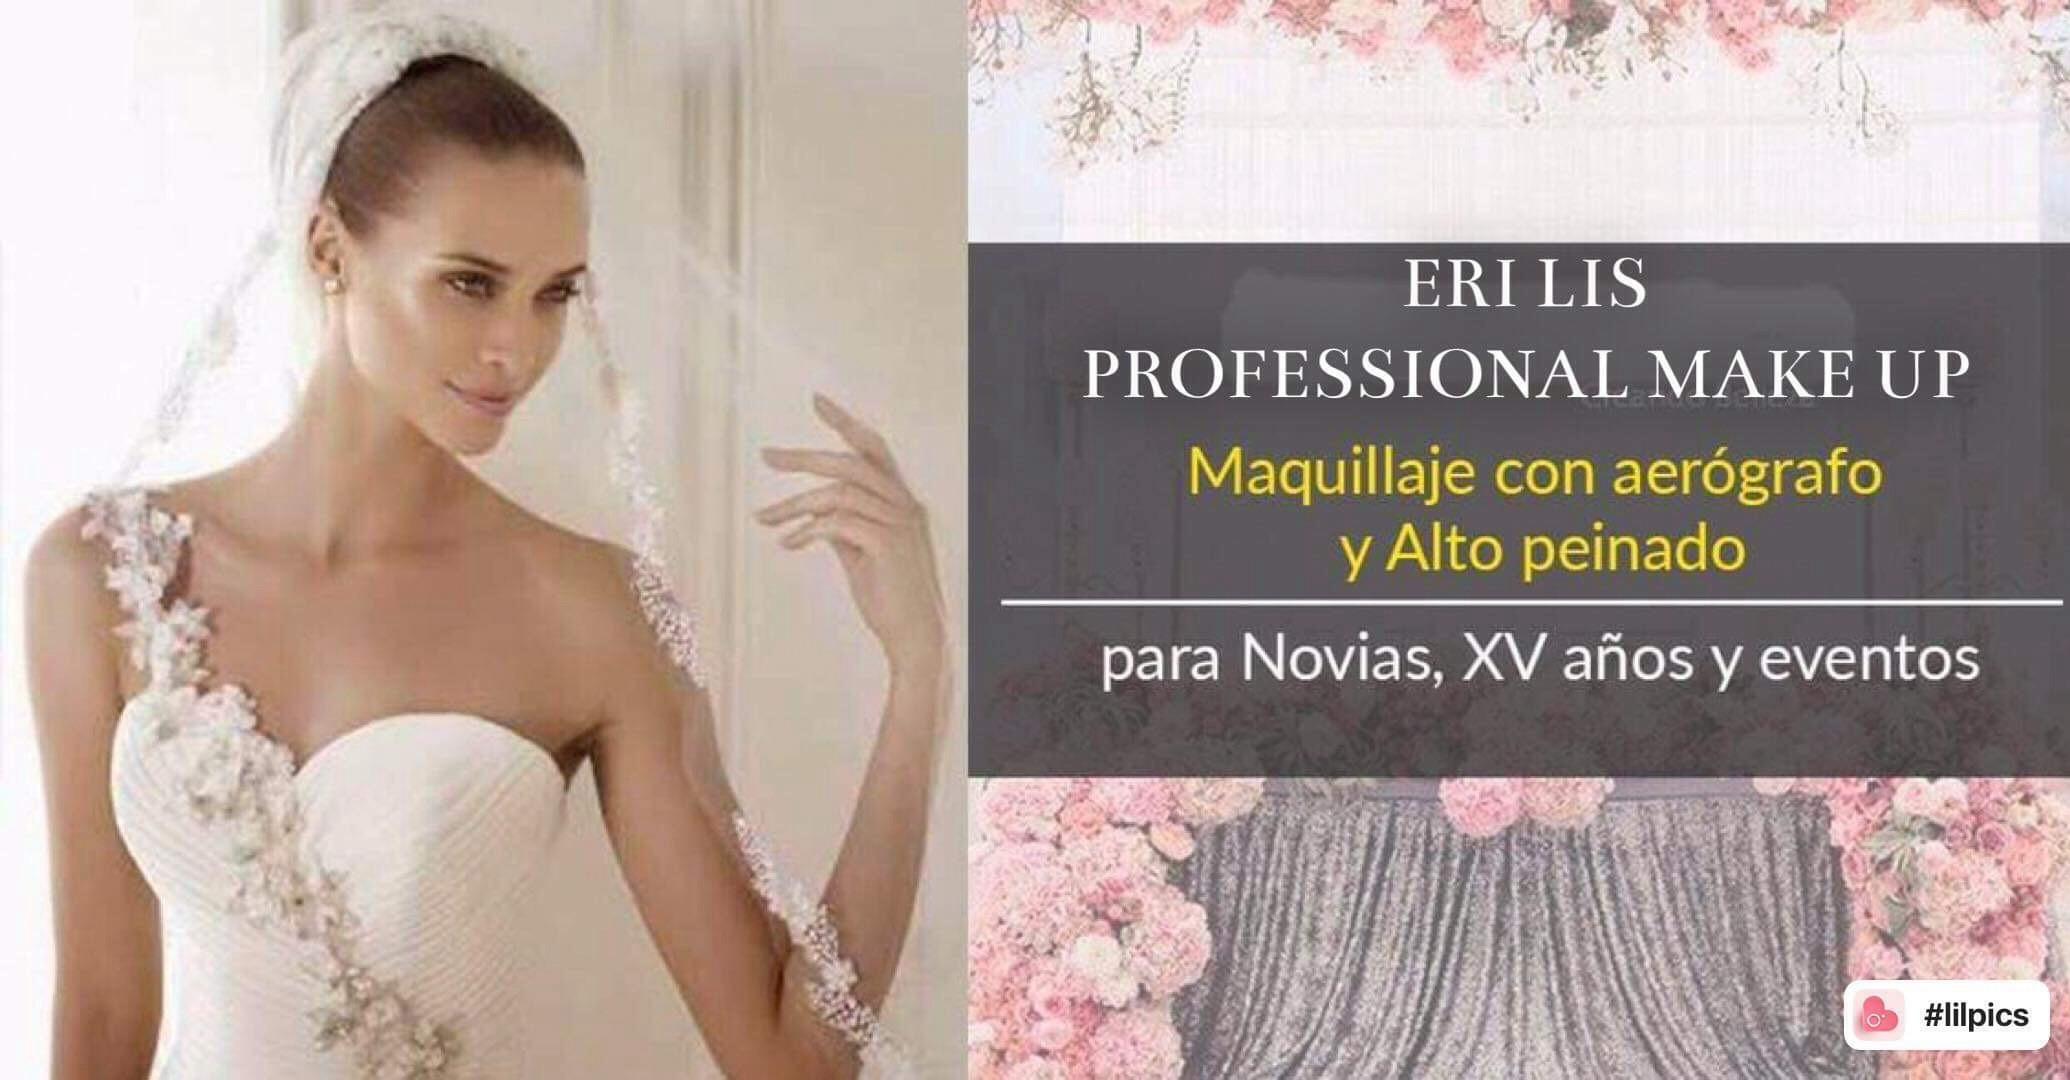 Photo Promotion